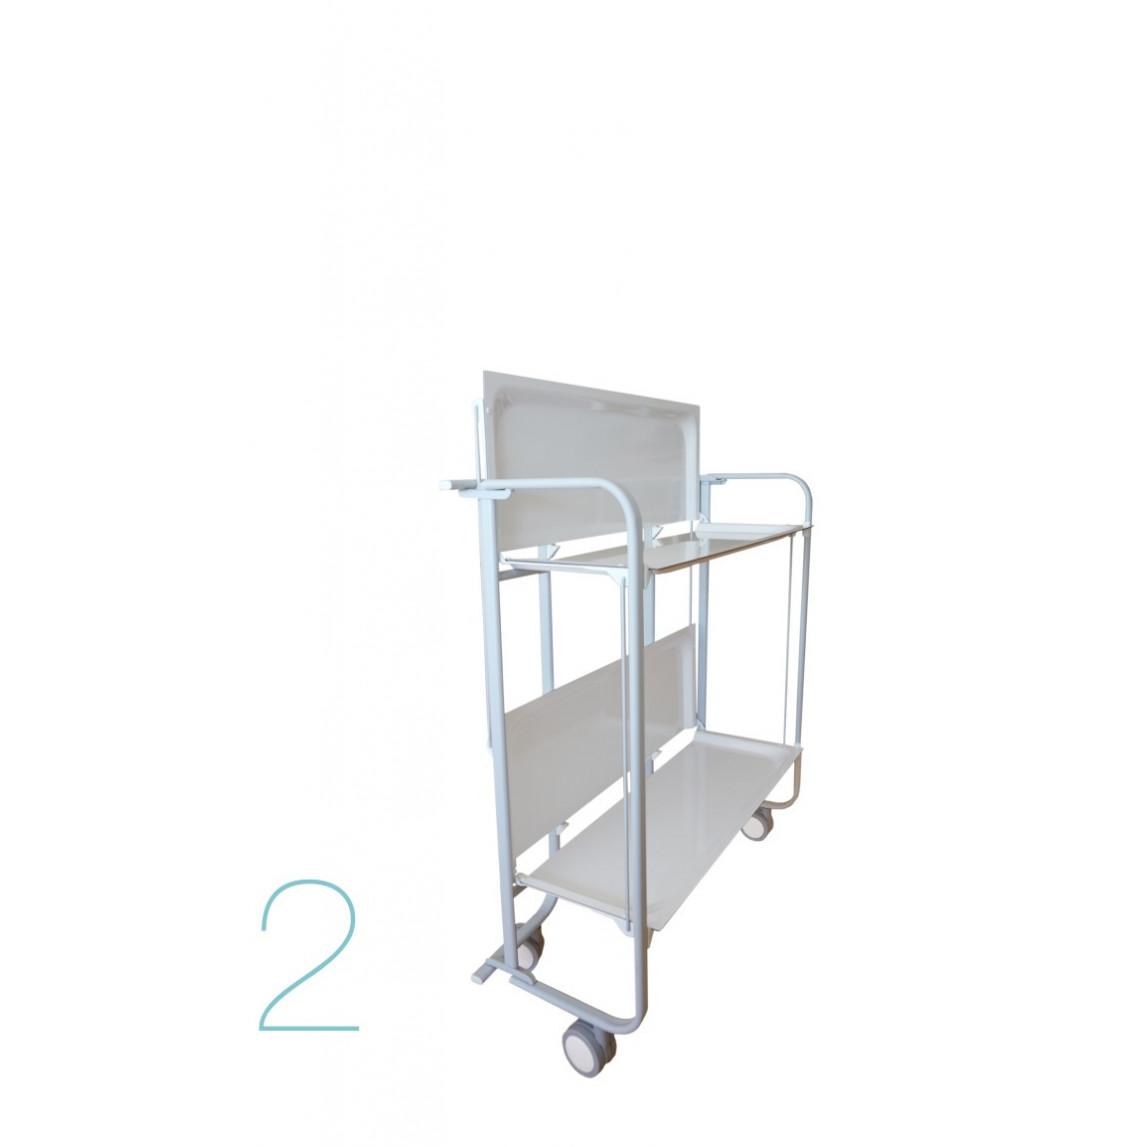 Zusammenklappbarer 2-stöckiger Servierwagen | Grau-Weiß